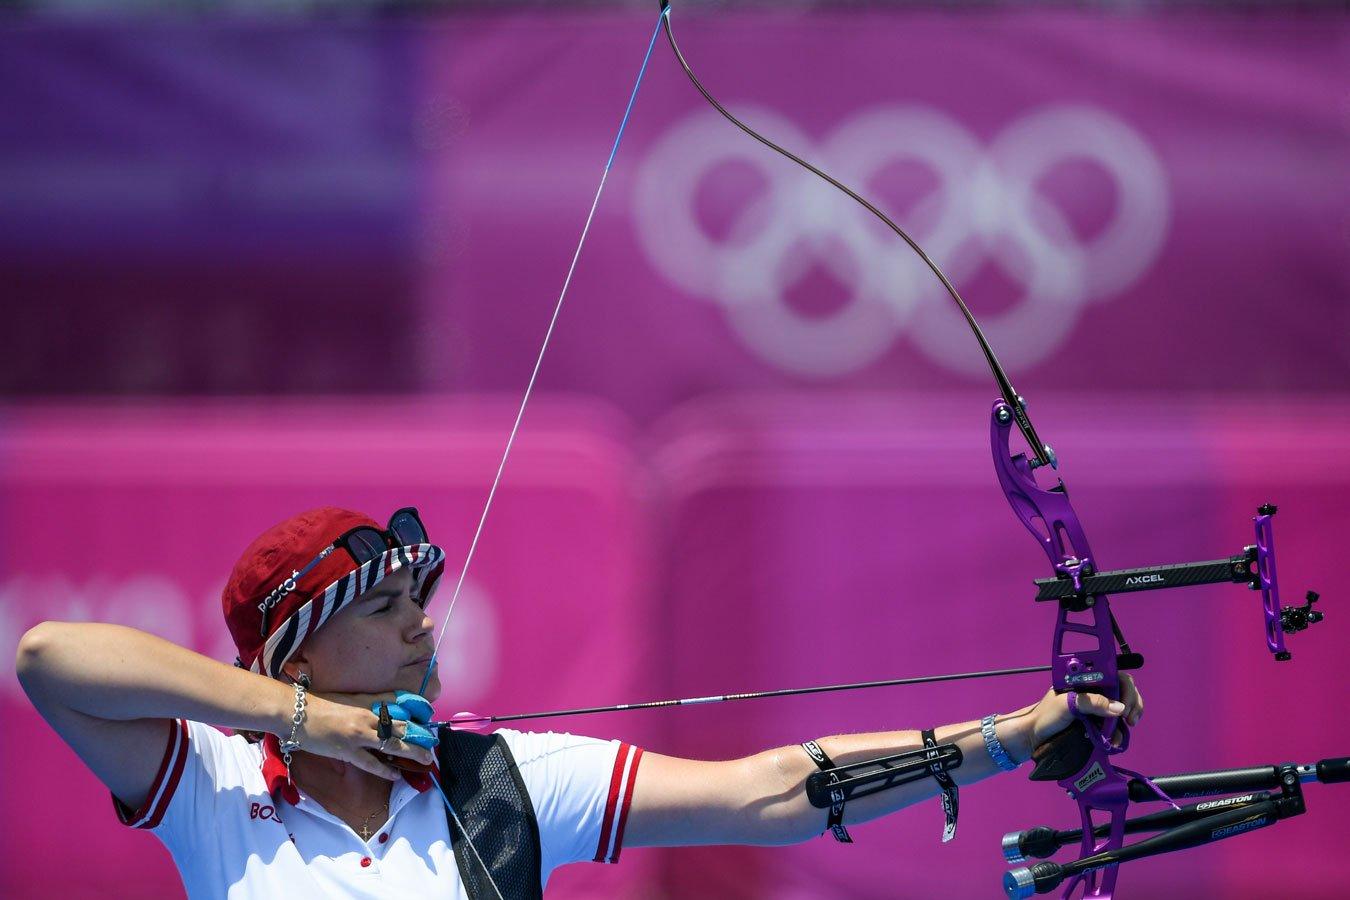 Олимпиада-2020. 25 июля. Полное расписание дня